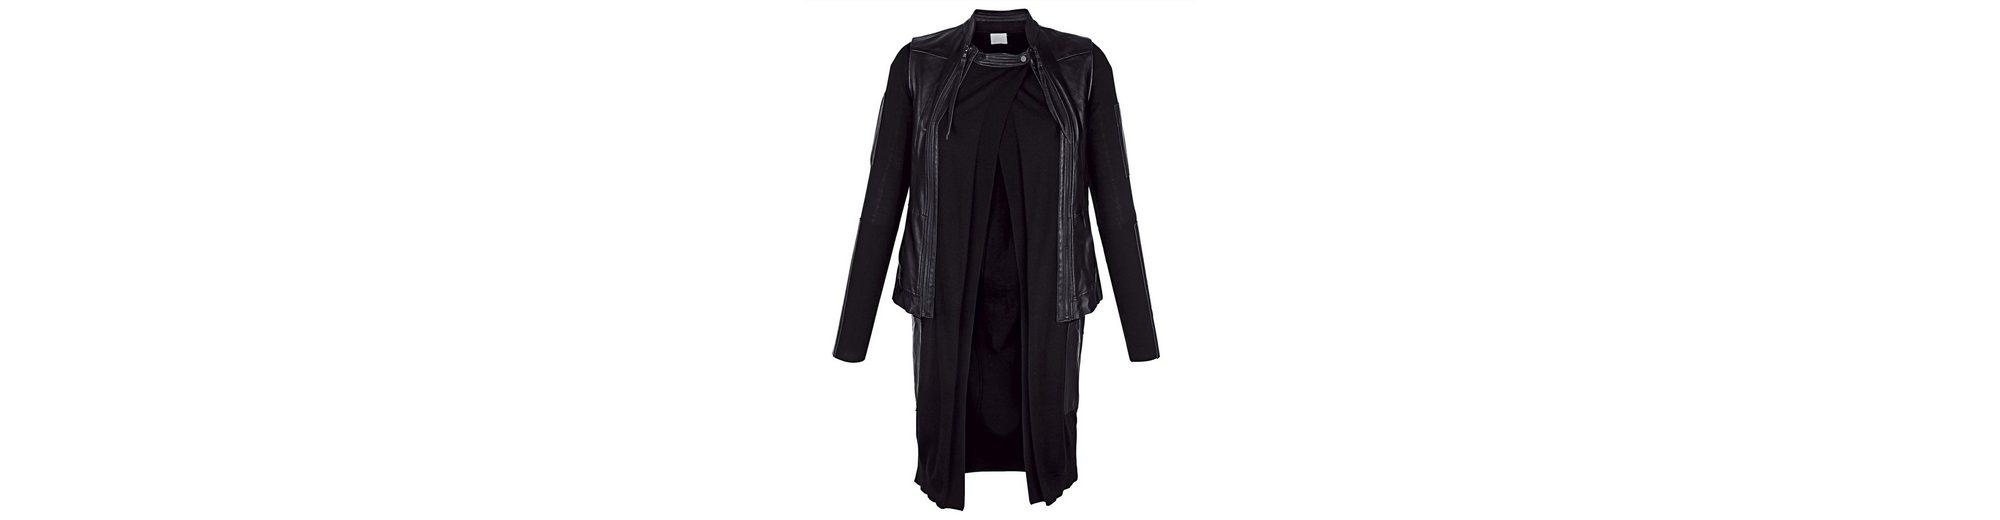 Alba Moda Lederweste mit Strickjacke auch einzeln tragbar Erkunden Günstigen Preis 8rDk2O